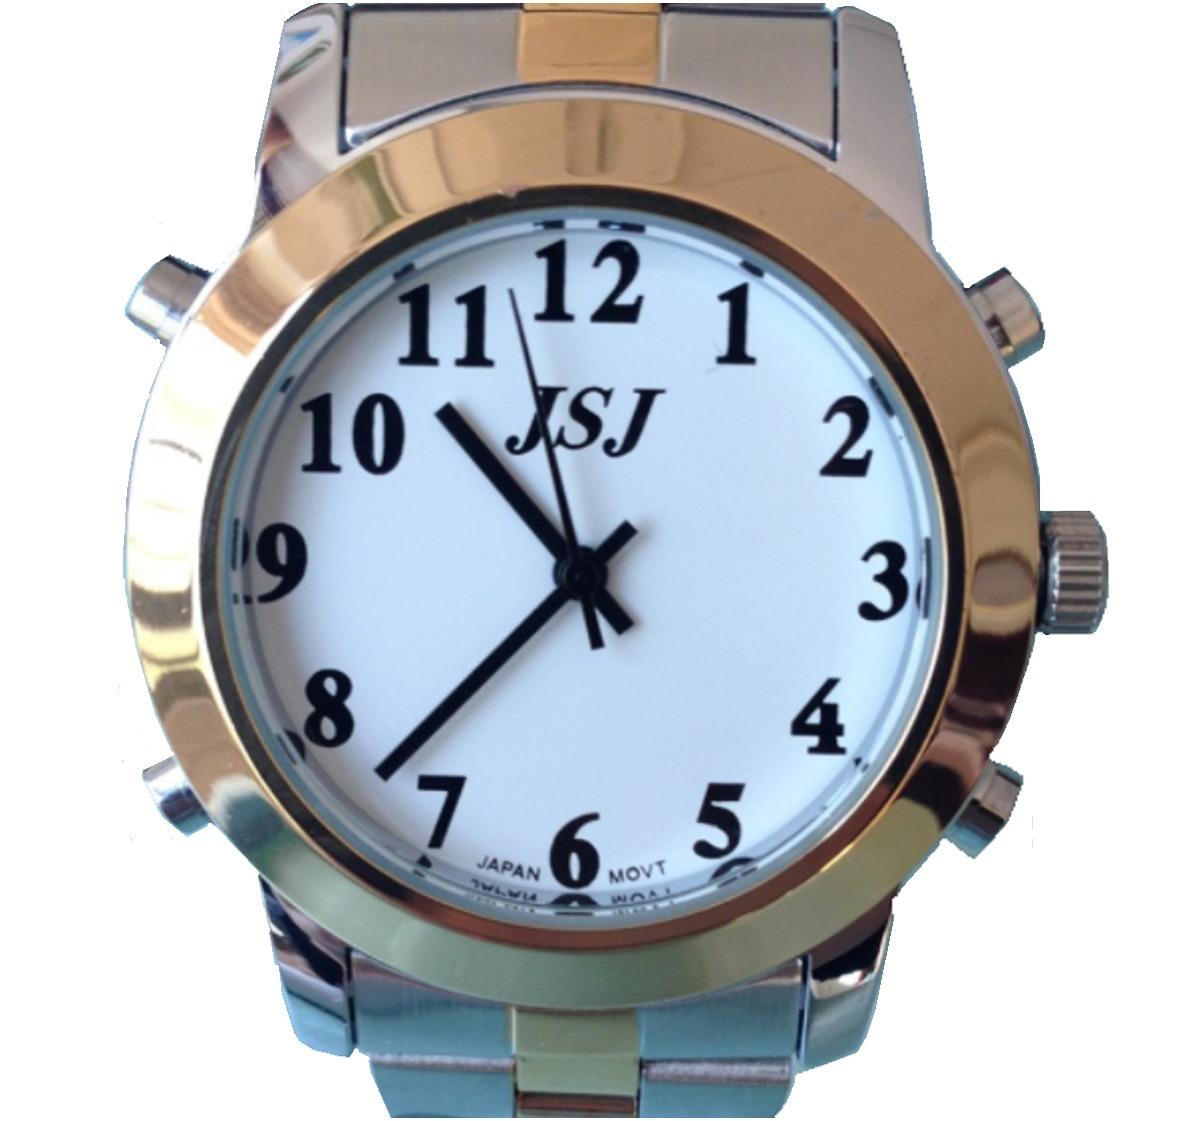 025c060c825 relógio para deficiente visual dourado idioma português. Carregando zoom.